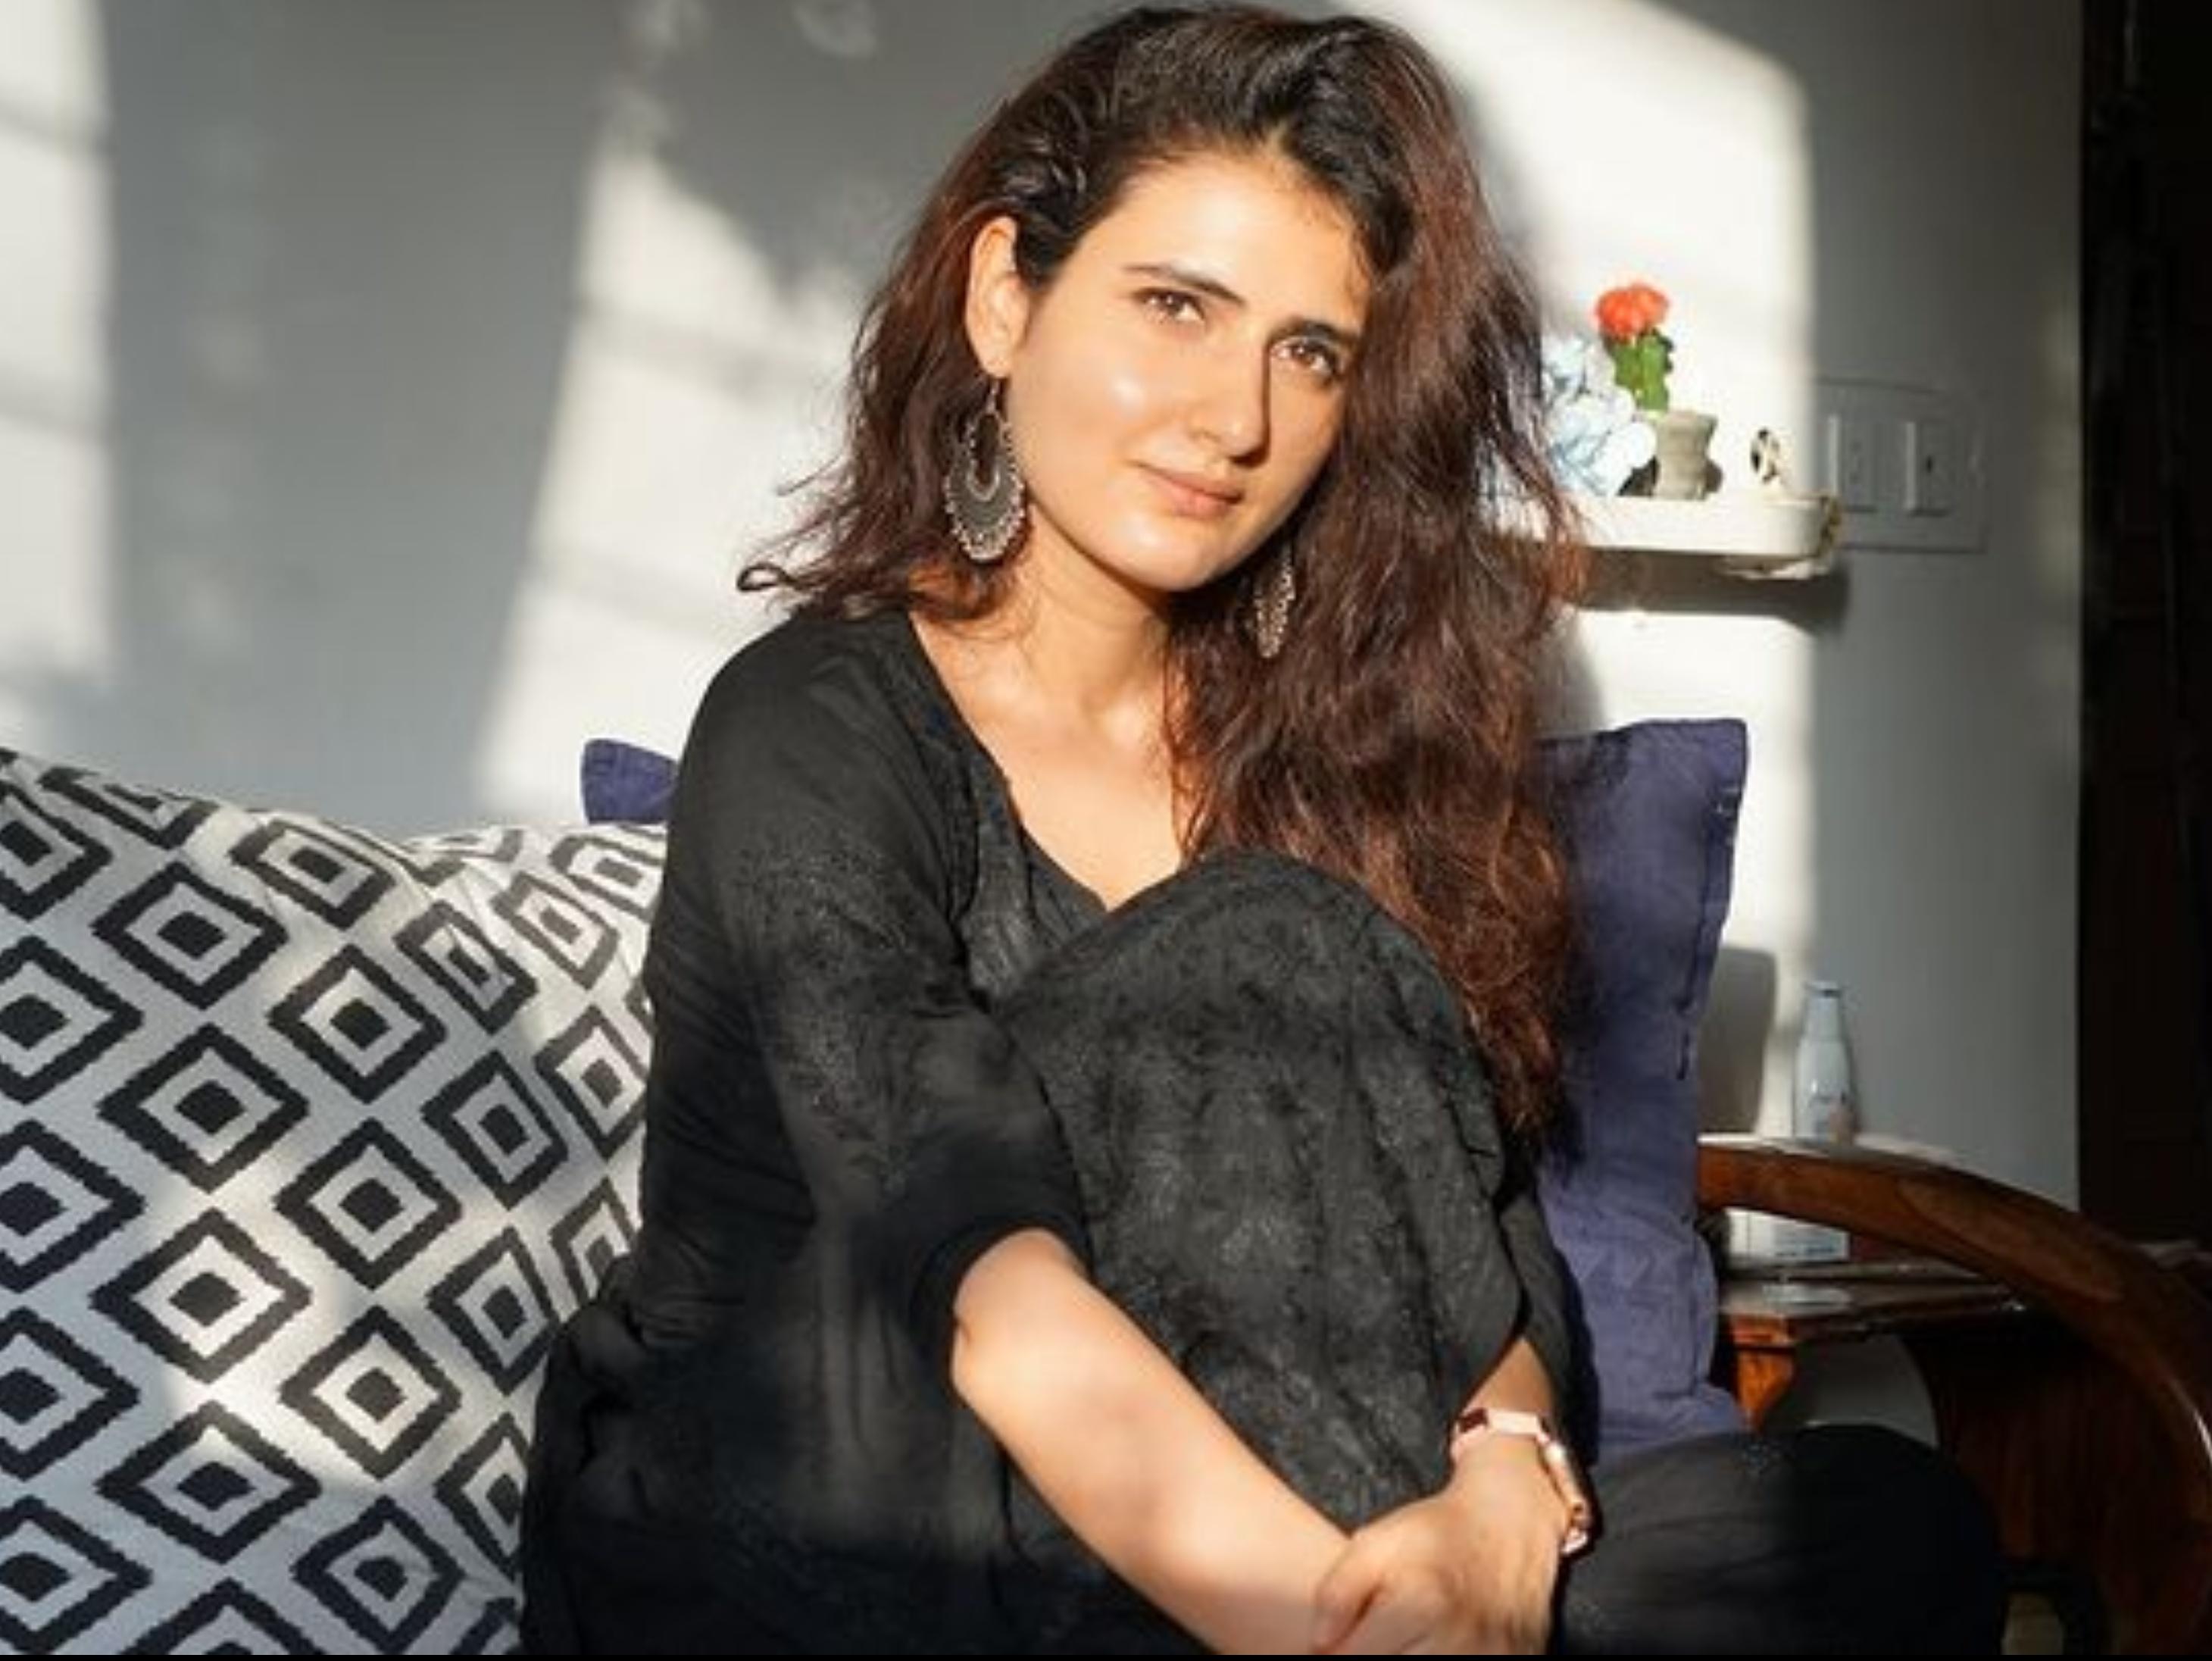 दंगल गर्ल फातिमा सना शेख हुईं कोरोना पॉजिटिव, होम आईसोलेशन में कर रहीं वर्कआउट बॉलीवुड,Bollywood - Dainik Bhaskar